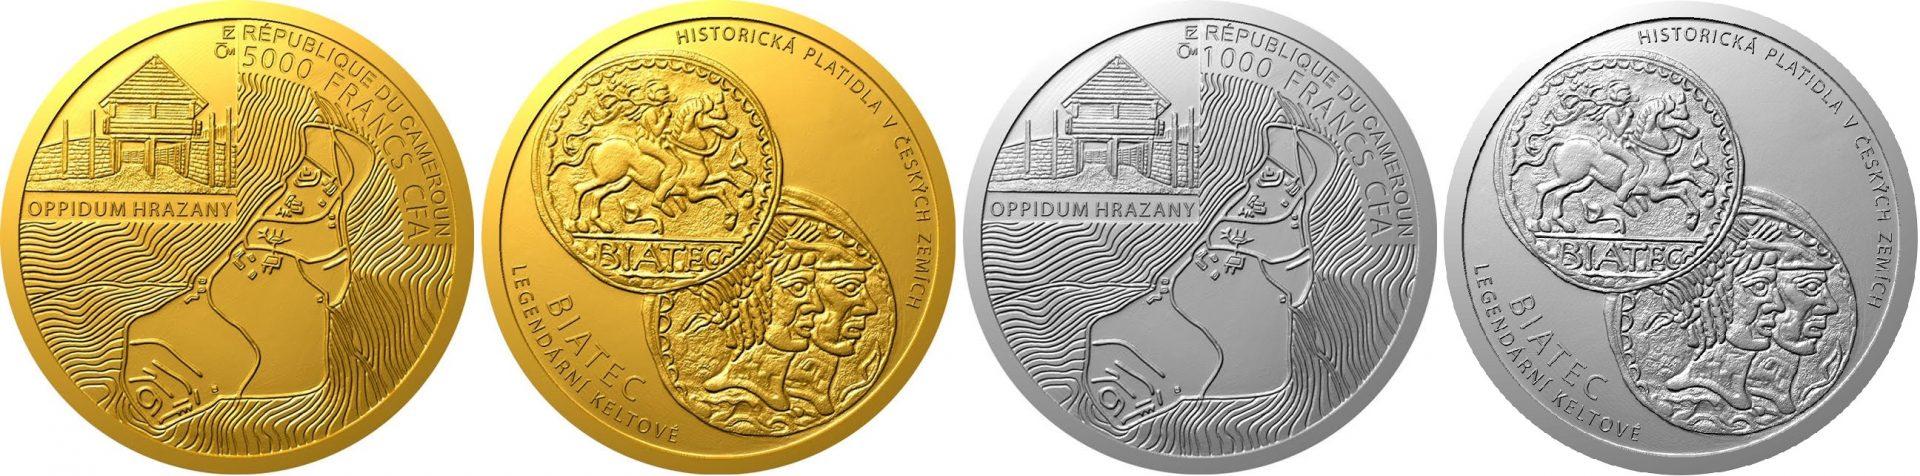 KAPITOL emituje vlastní mince